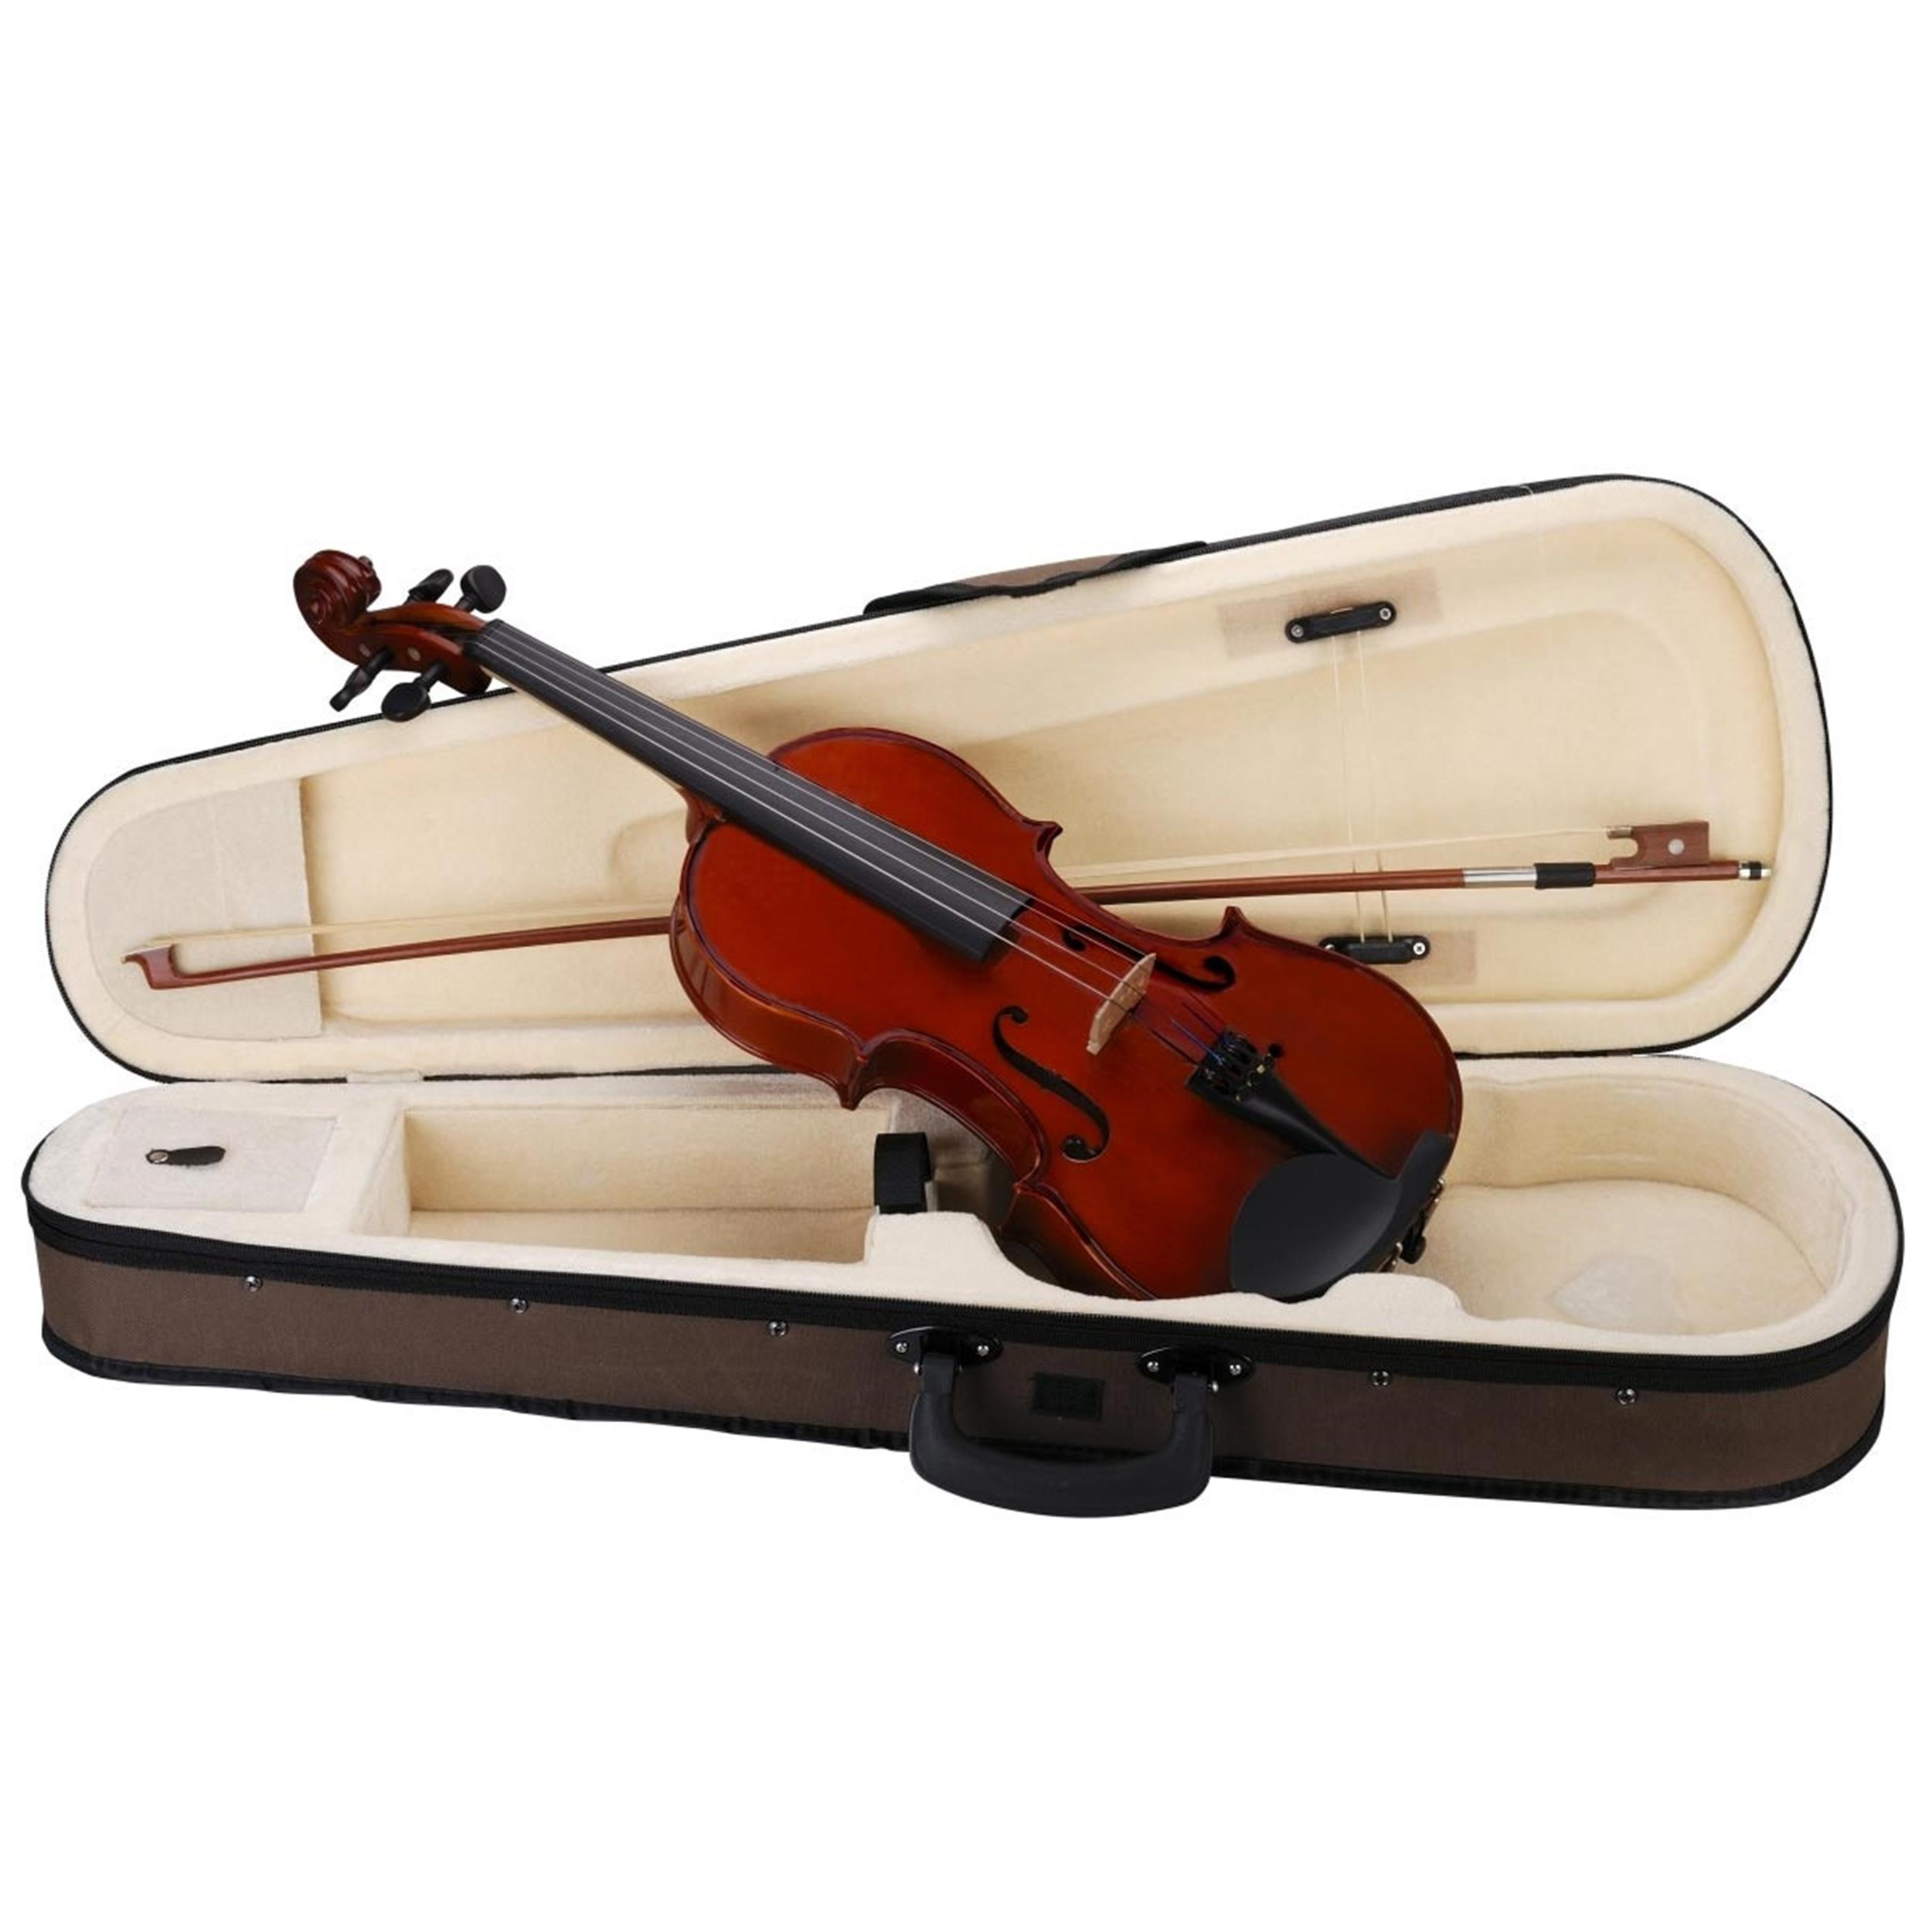 SOUNDSATION-VSVI-44-Violino-4-4-Virtuoso-Student-completo-di-astuccio-e-archetto-sku-18563